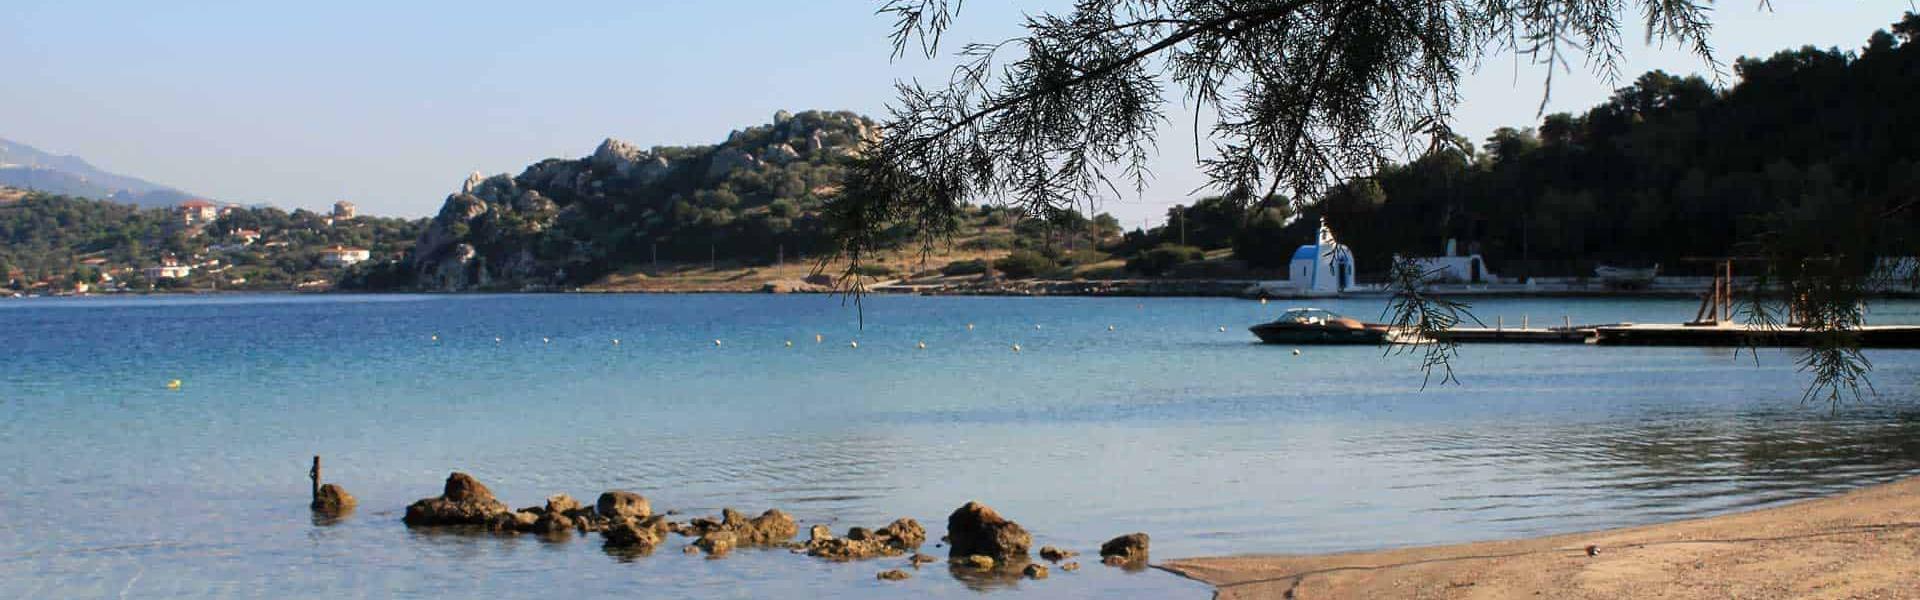 Λίμνη Βουλιαγμένης παραλία